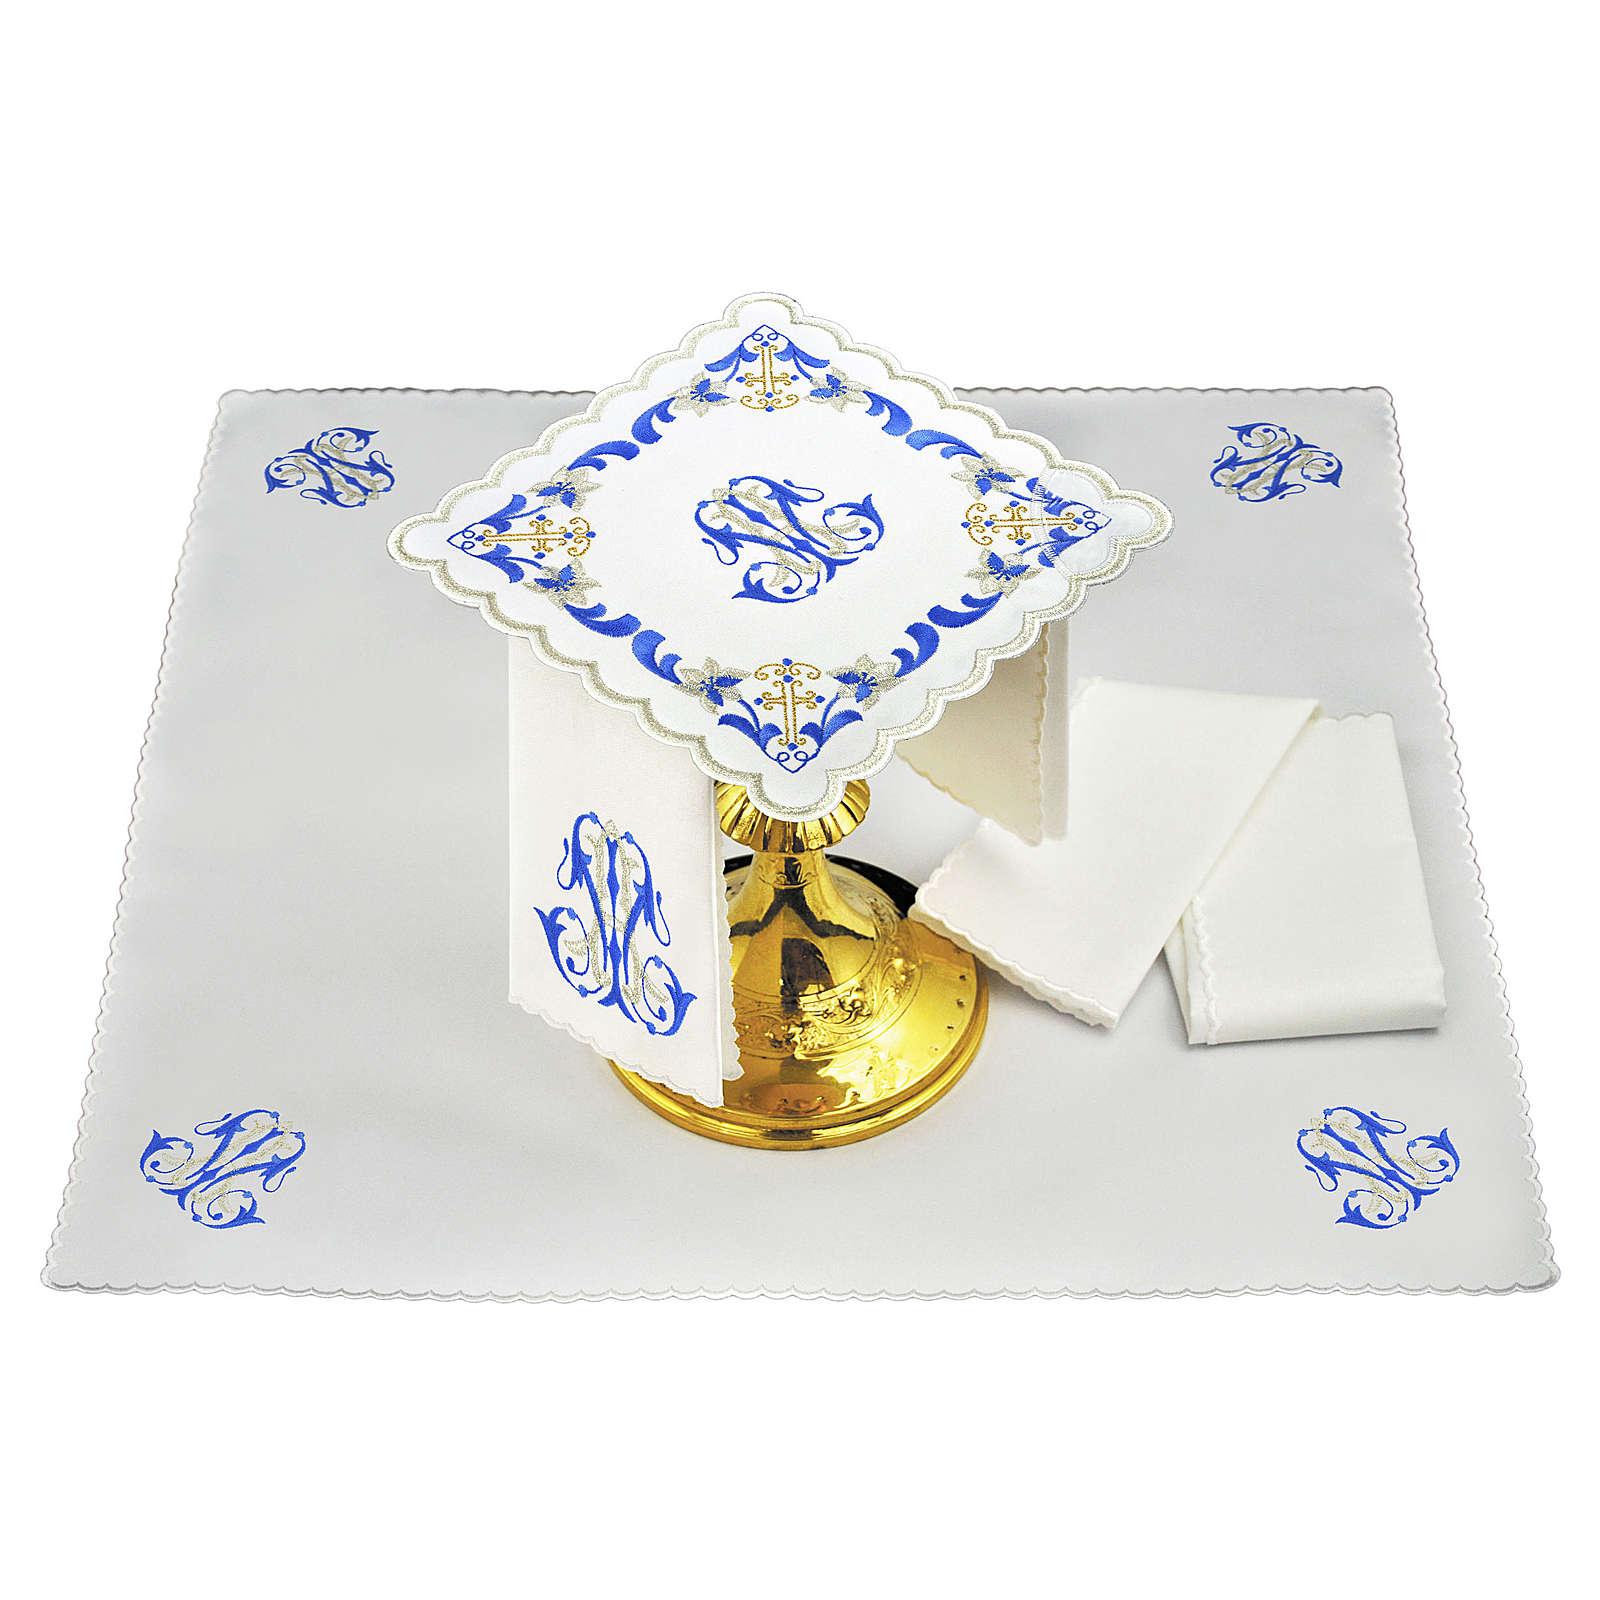 Servicio de altar hilo bordado gris azul Santísimo Nombre de María 4